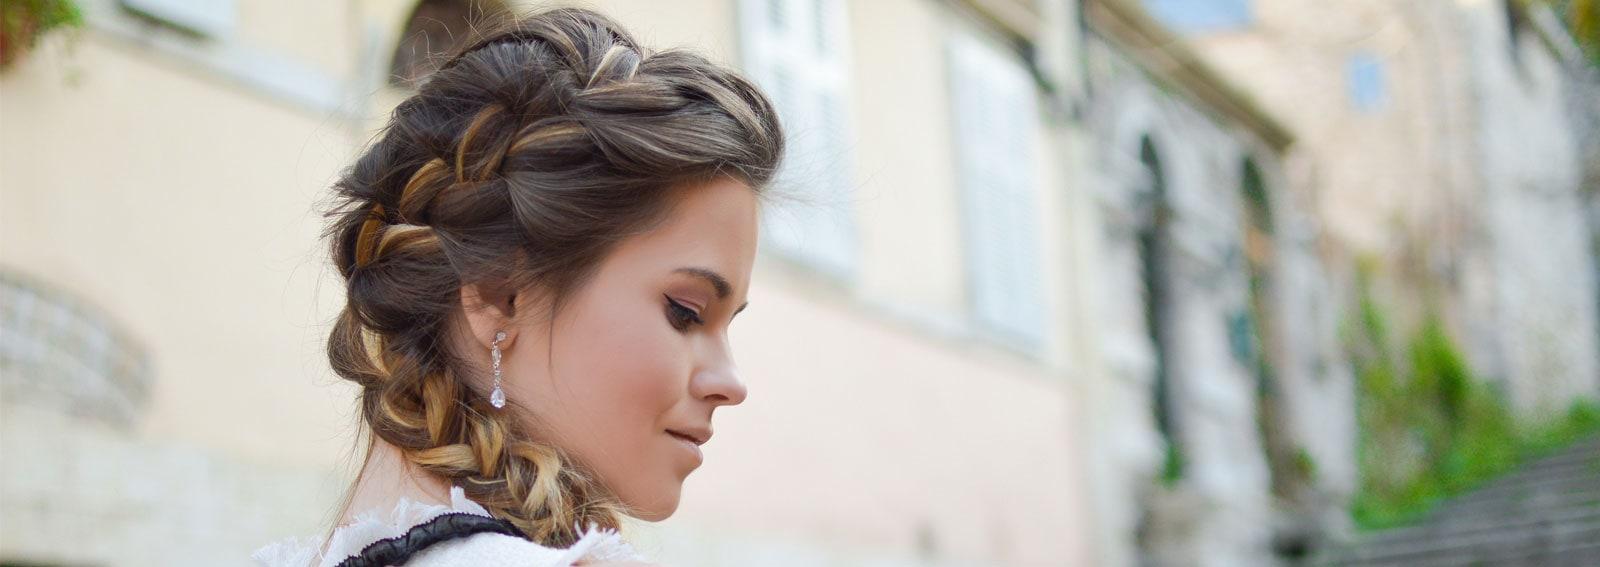 20-acconciature-capelli-per-svoltare-il-look-estivo-cover-desktop